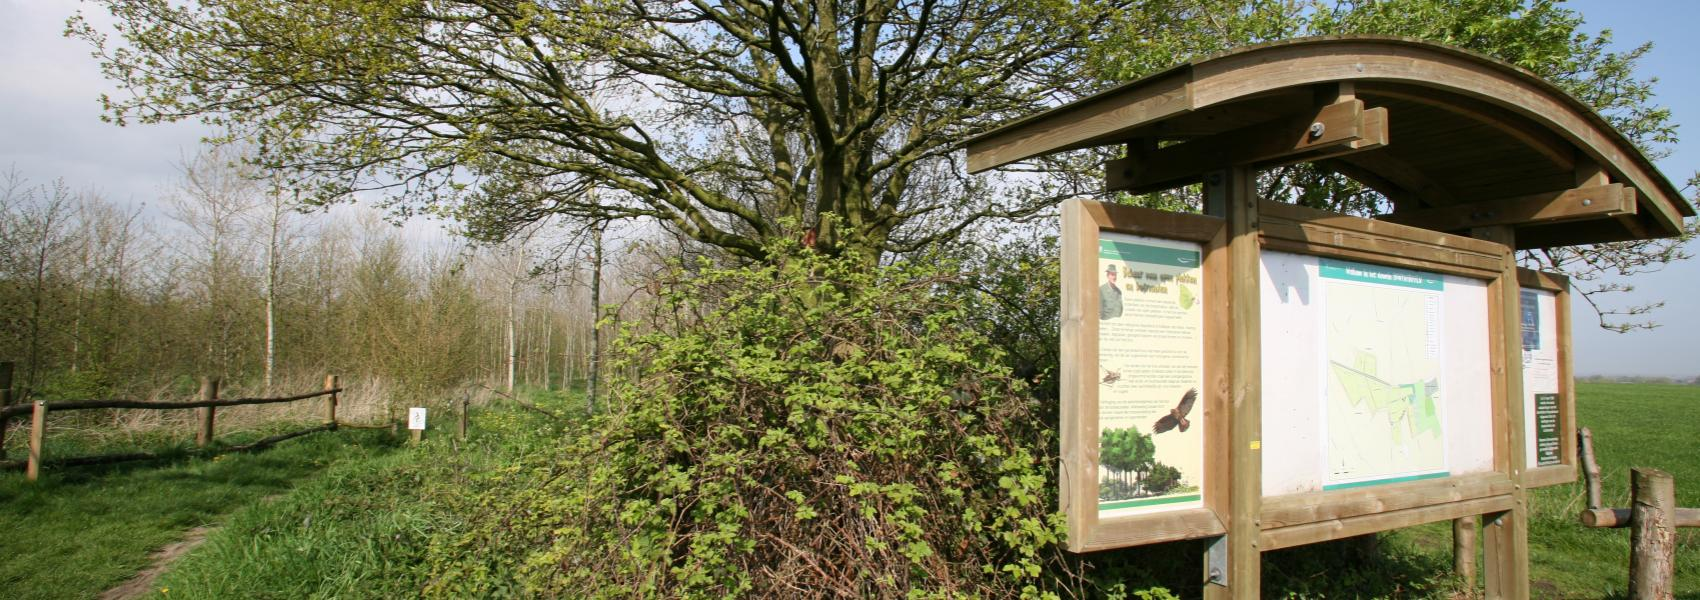 infobord naast  boom